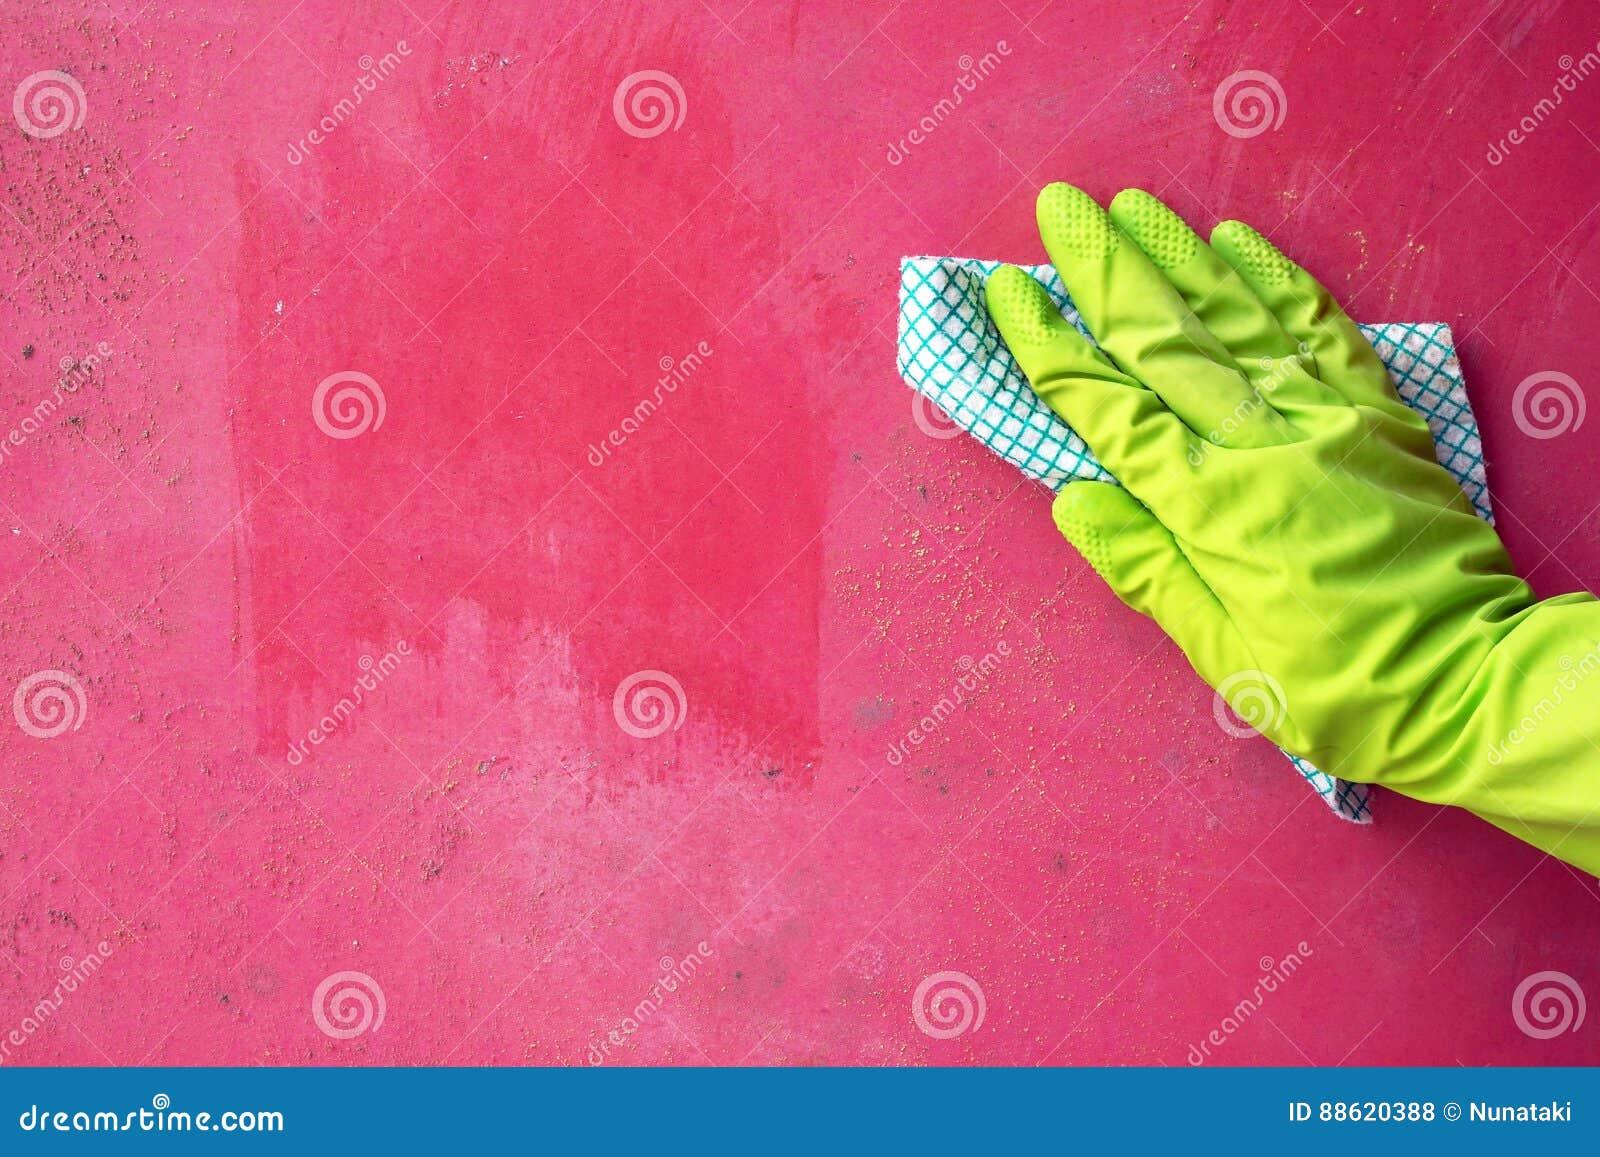 Chiuda su del fungo di muffa di pulizia della mano della persona dalla parete facendo uso dello straccio